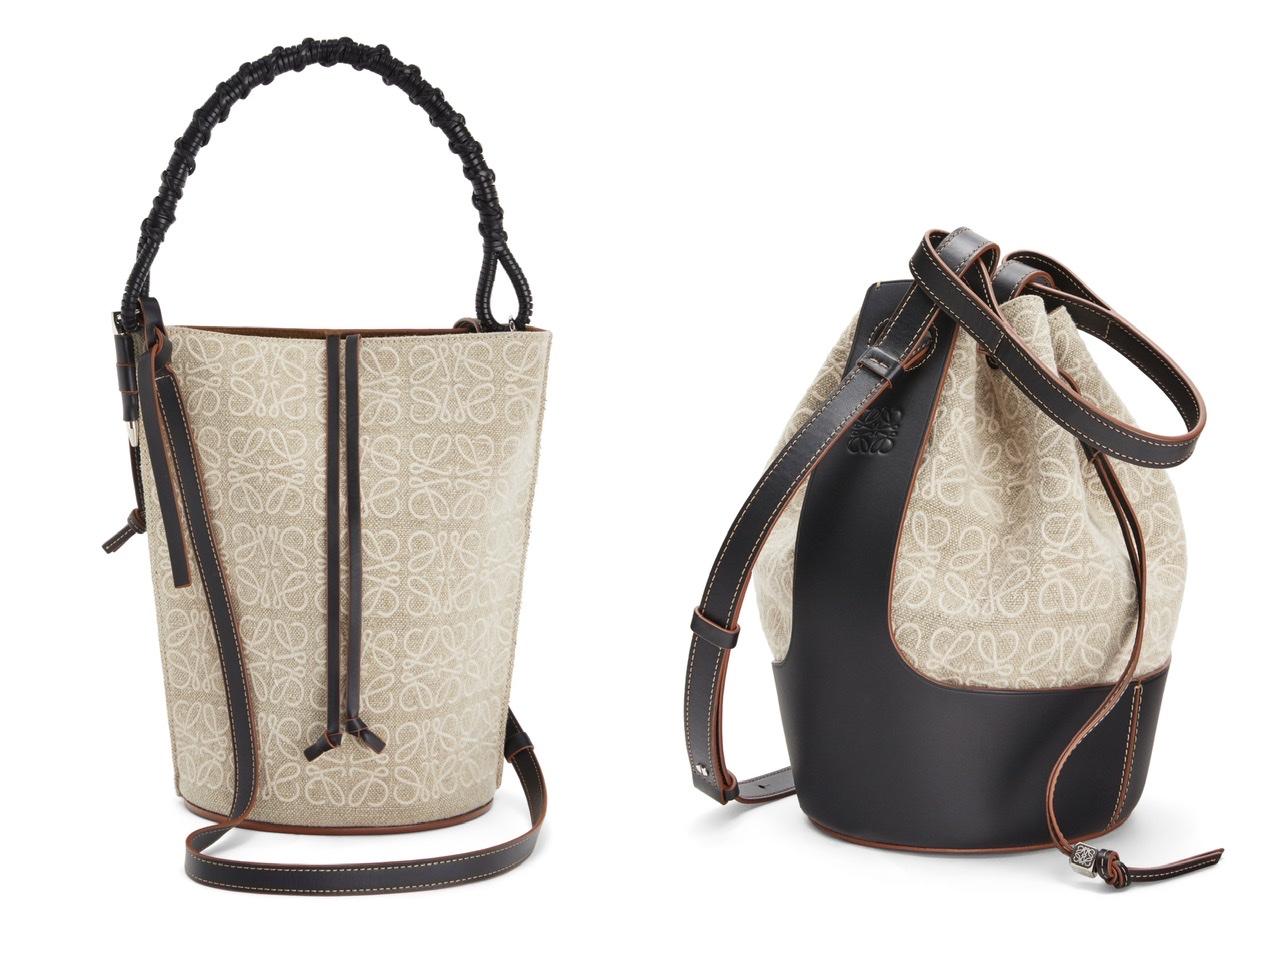 『ロエベ』プレフォールの新作バッグは「アナグラム・リネン」! バルーンバッグも登場♡_1